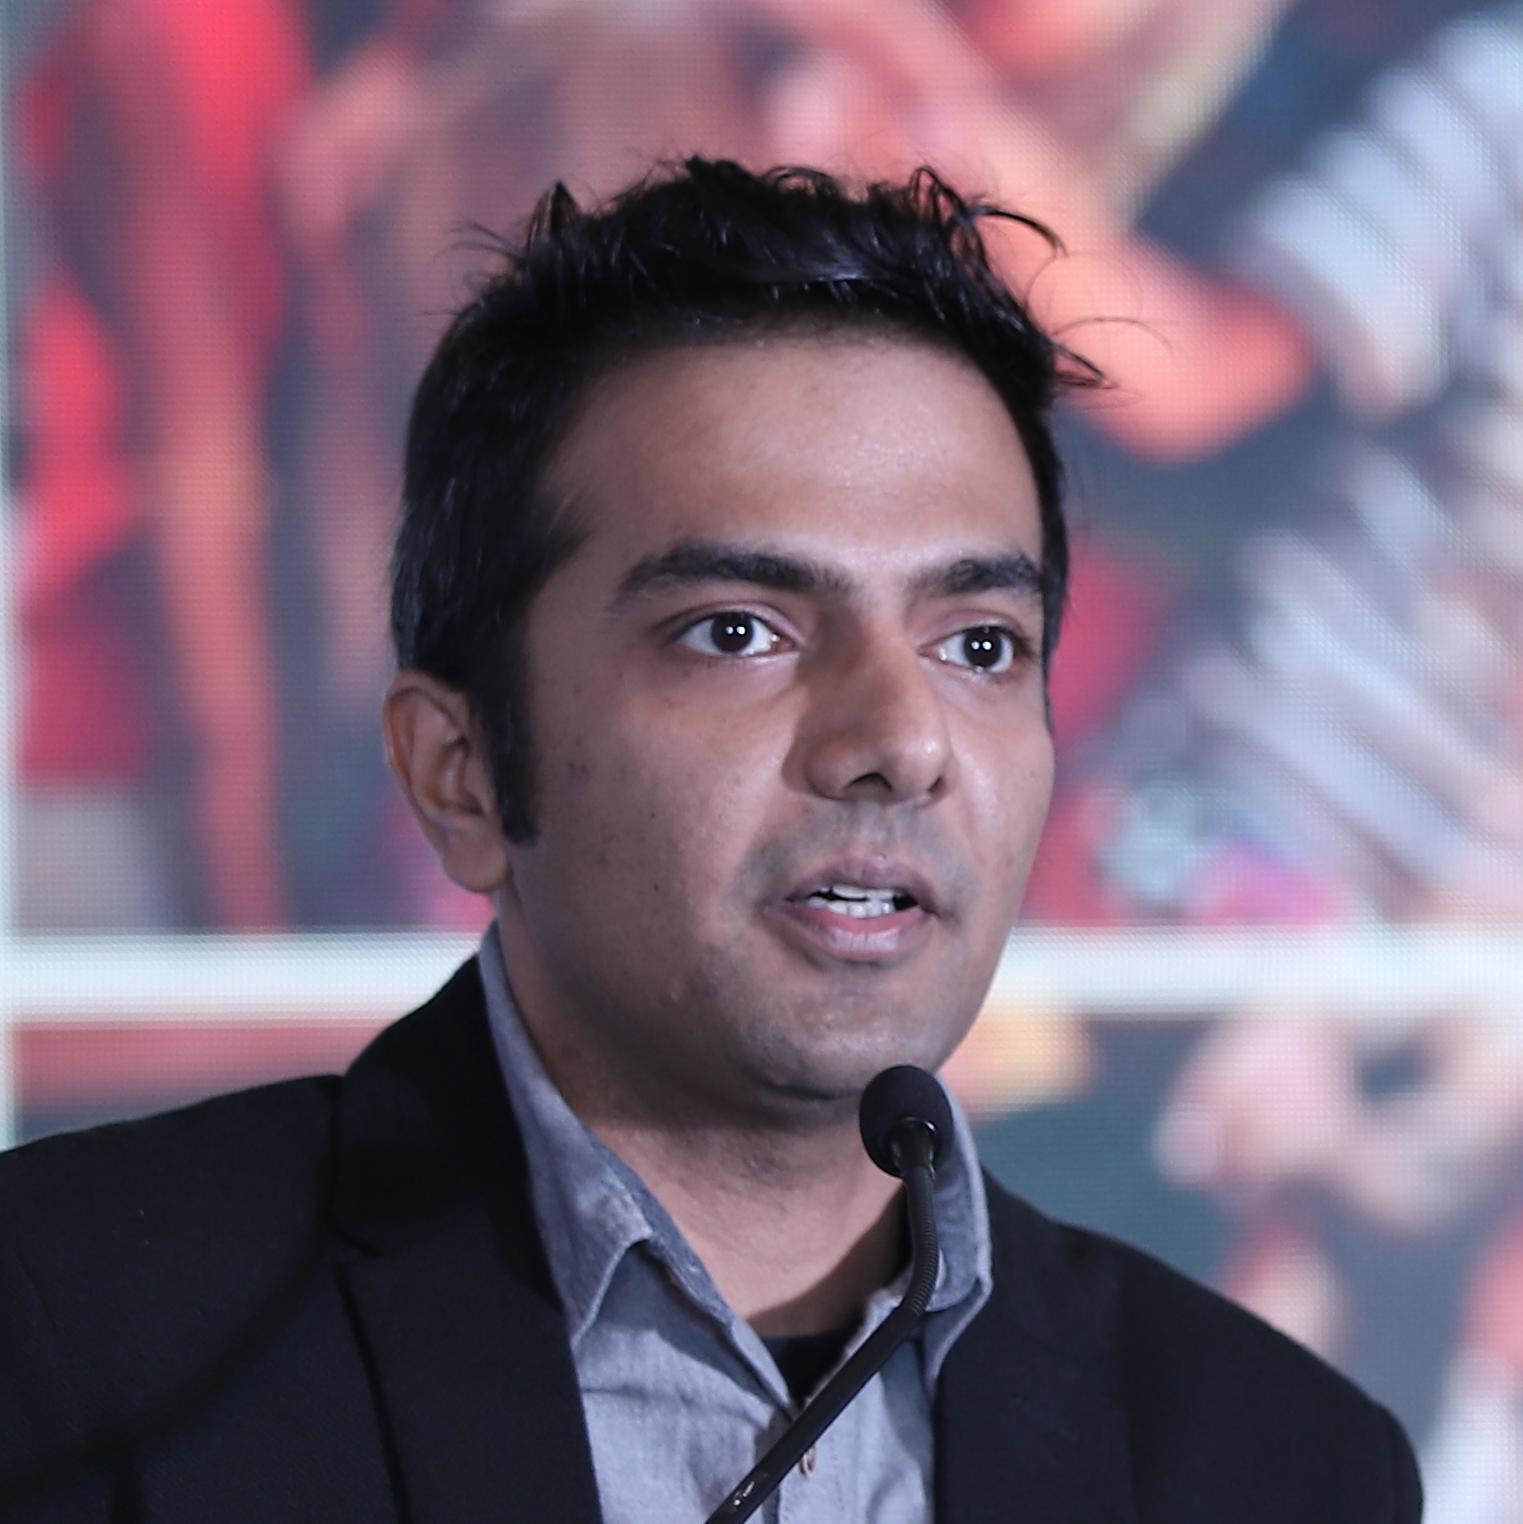 Saurav Malhotra